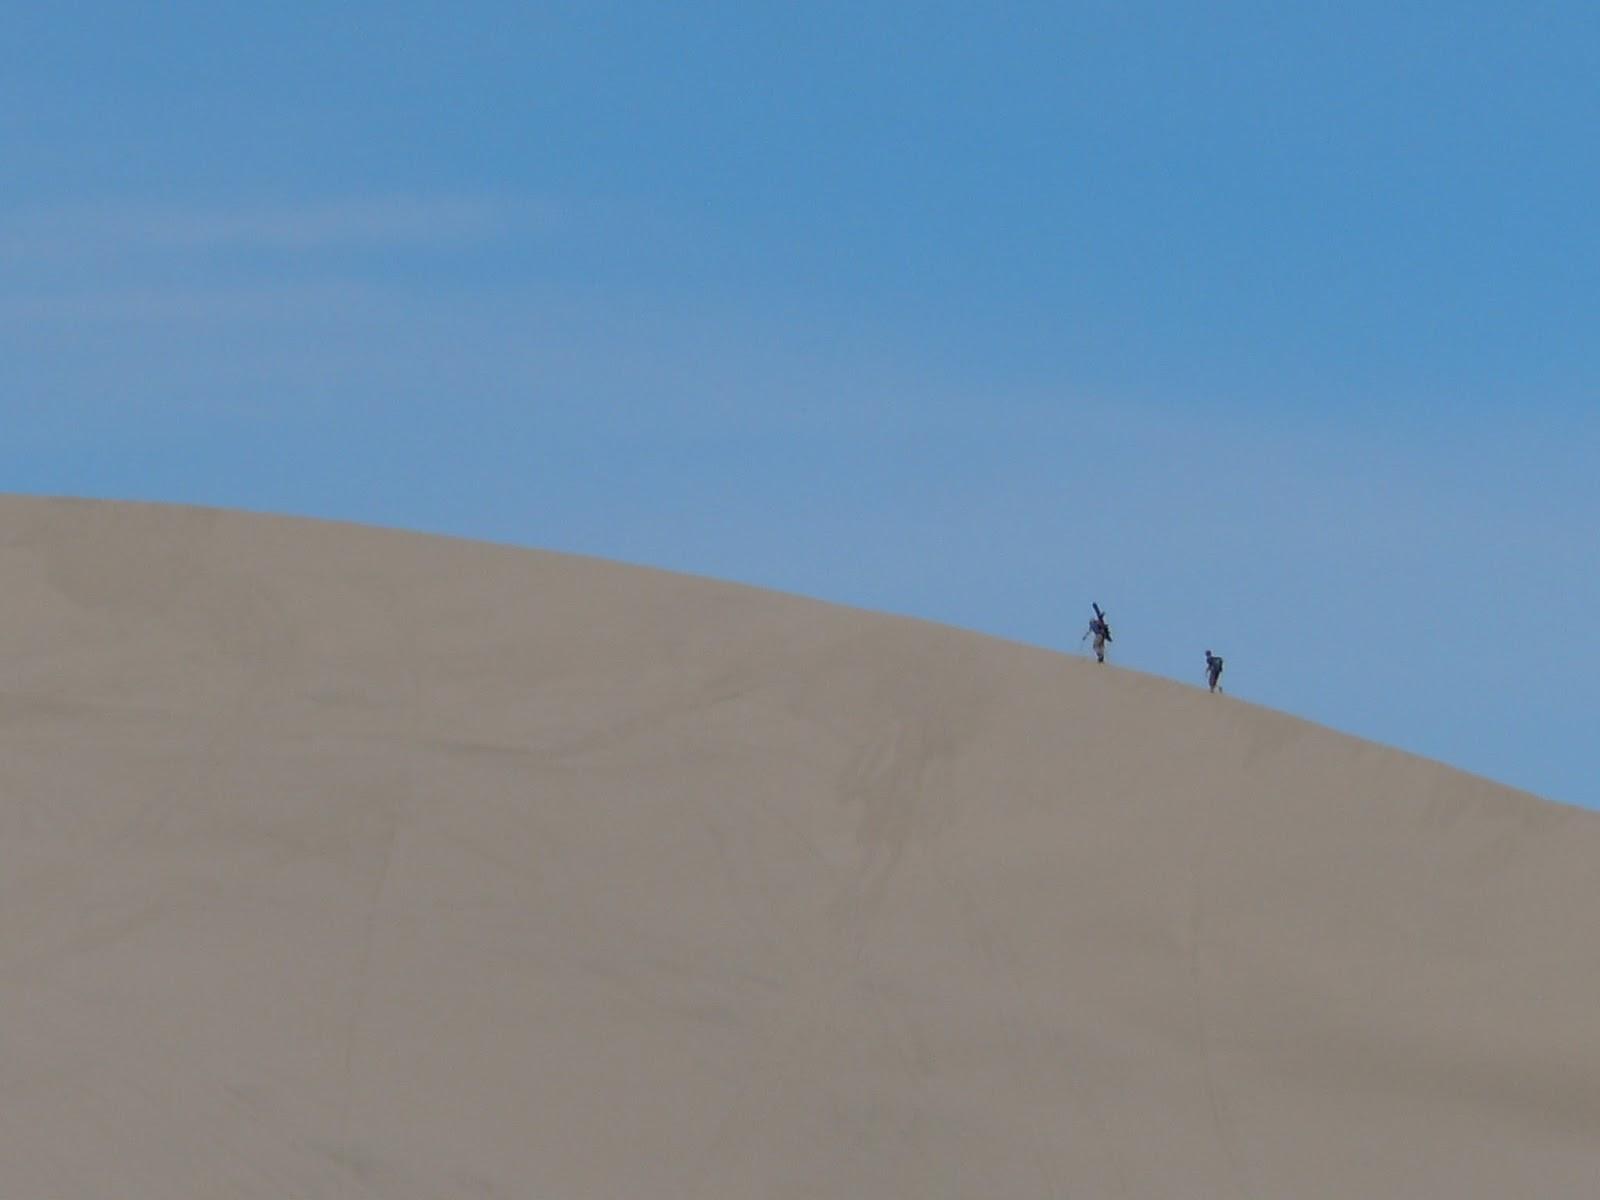 Skiing St. Anthony Sand Dunes, Idaho